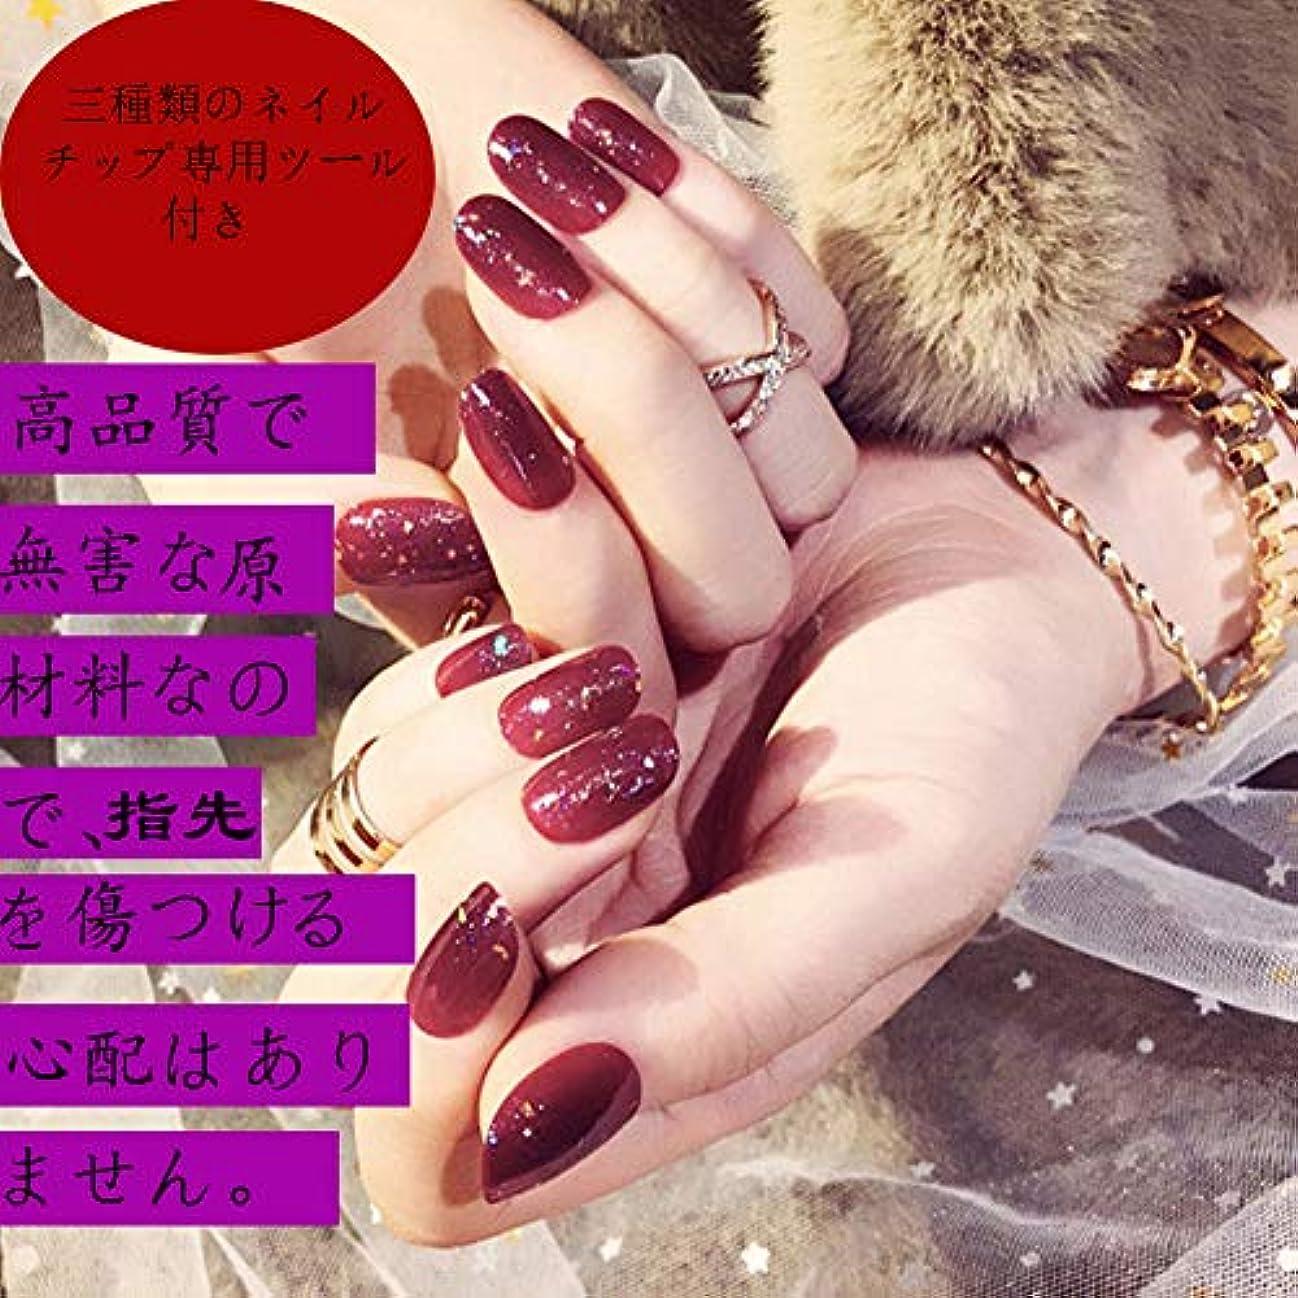 十分ではないだます地味なHuangHM小悪魔系キレイ魅せネイルチップ ライトセラピー人体に无害上品 ヌーディ グラマラスクール ネイルチップ つけ爪なかっこいい系 付け爪 簡単便利な付け爪 エレガント 和柄着物和装成人式にも